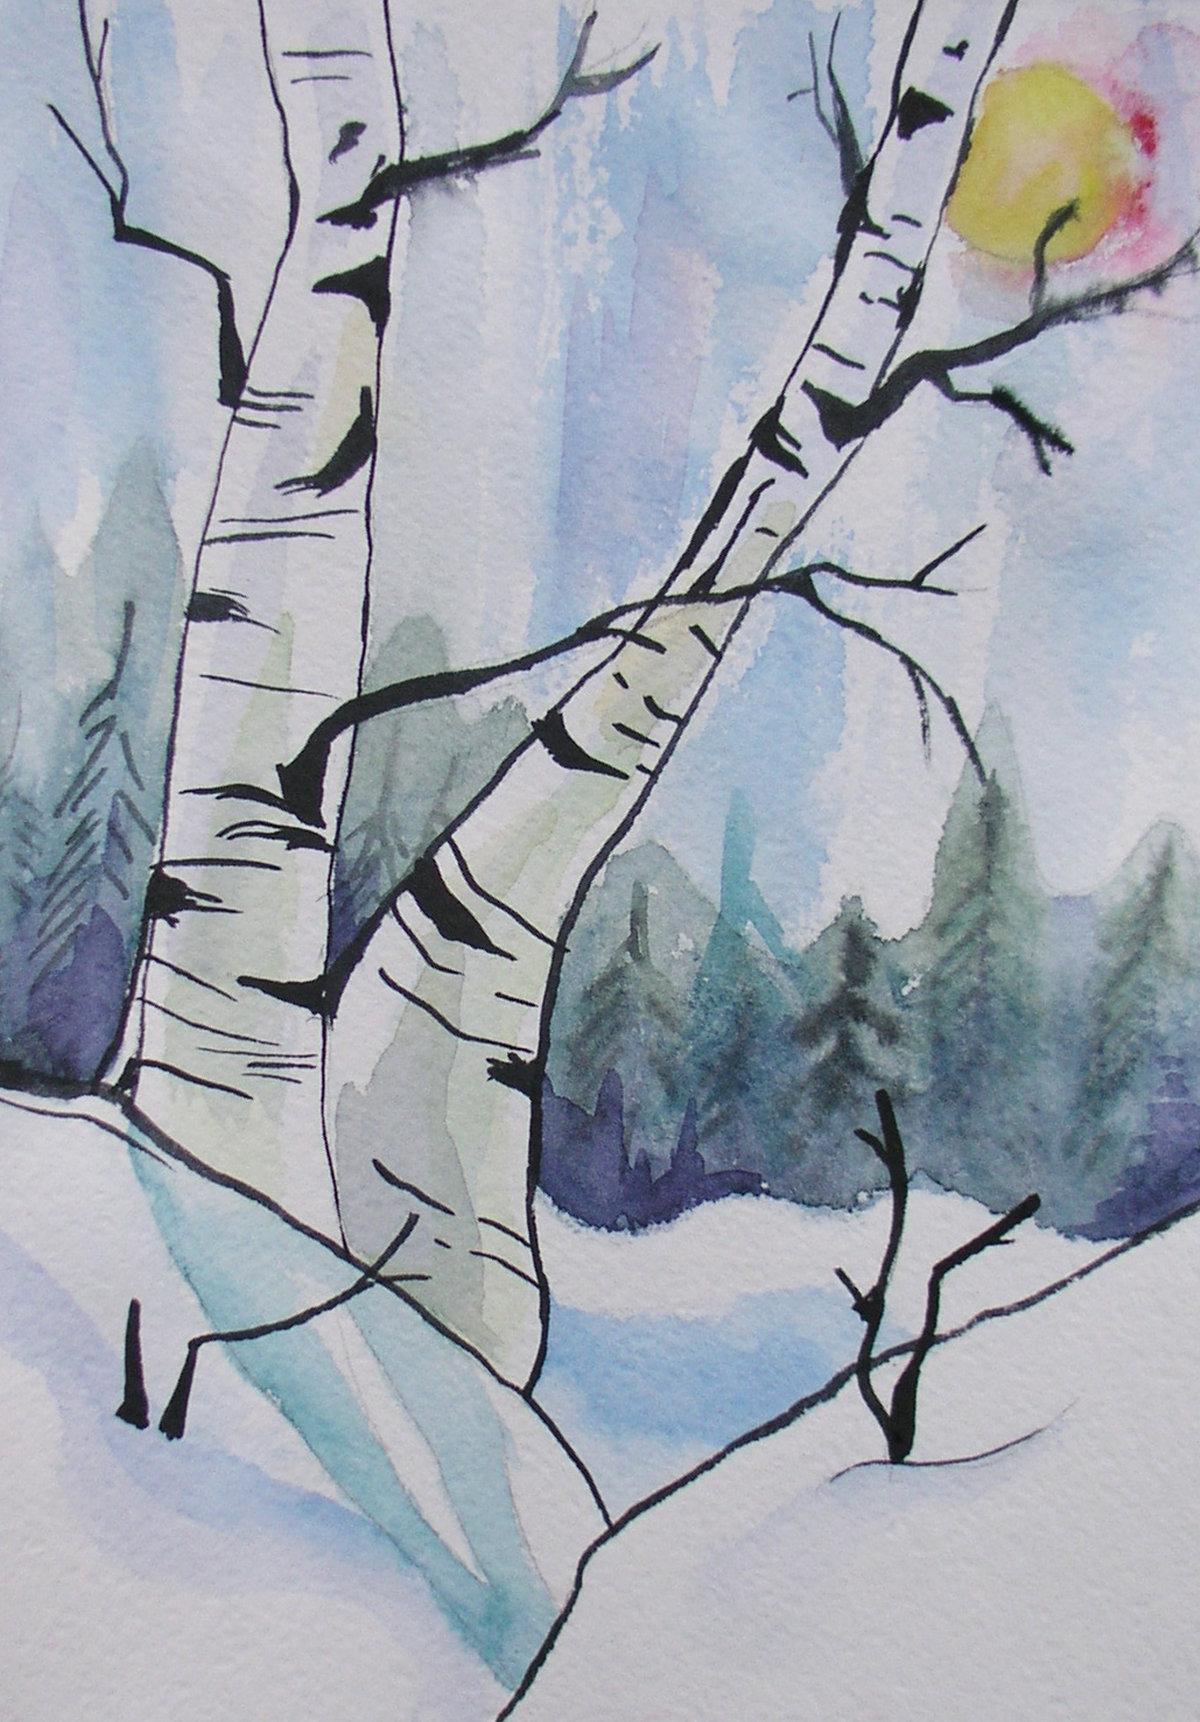 женщин больше зимний пейзаж рисунки для начинающих дизайнера самая